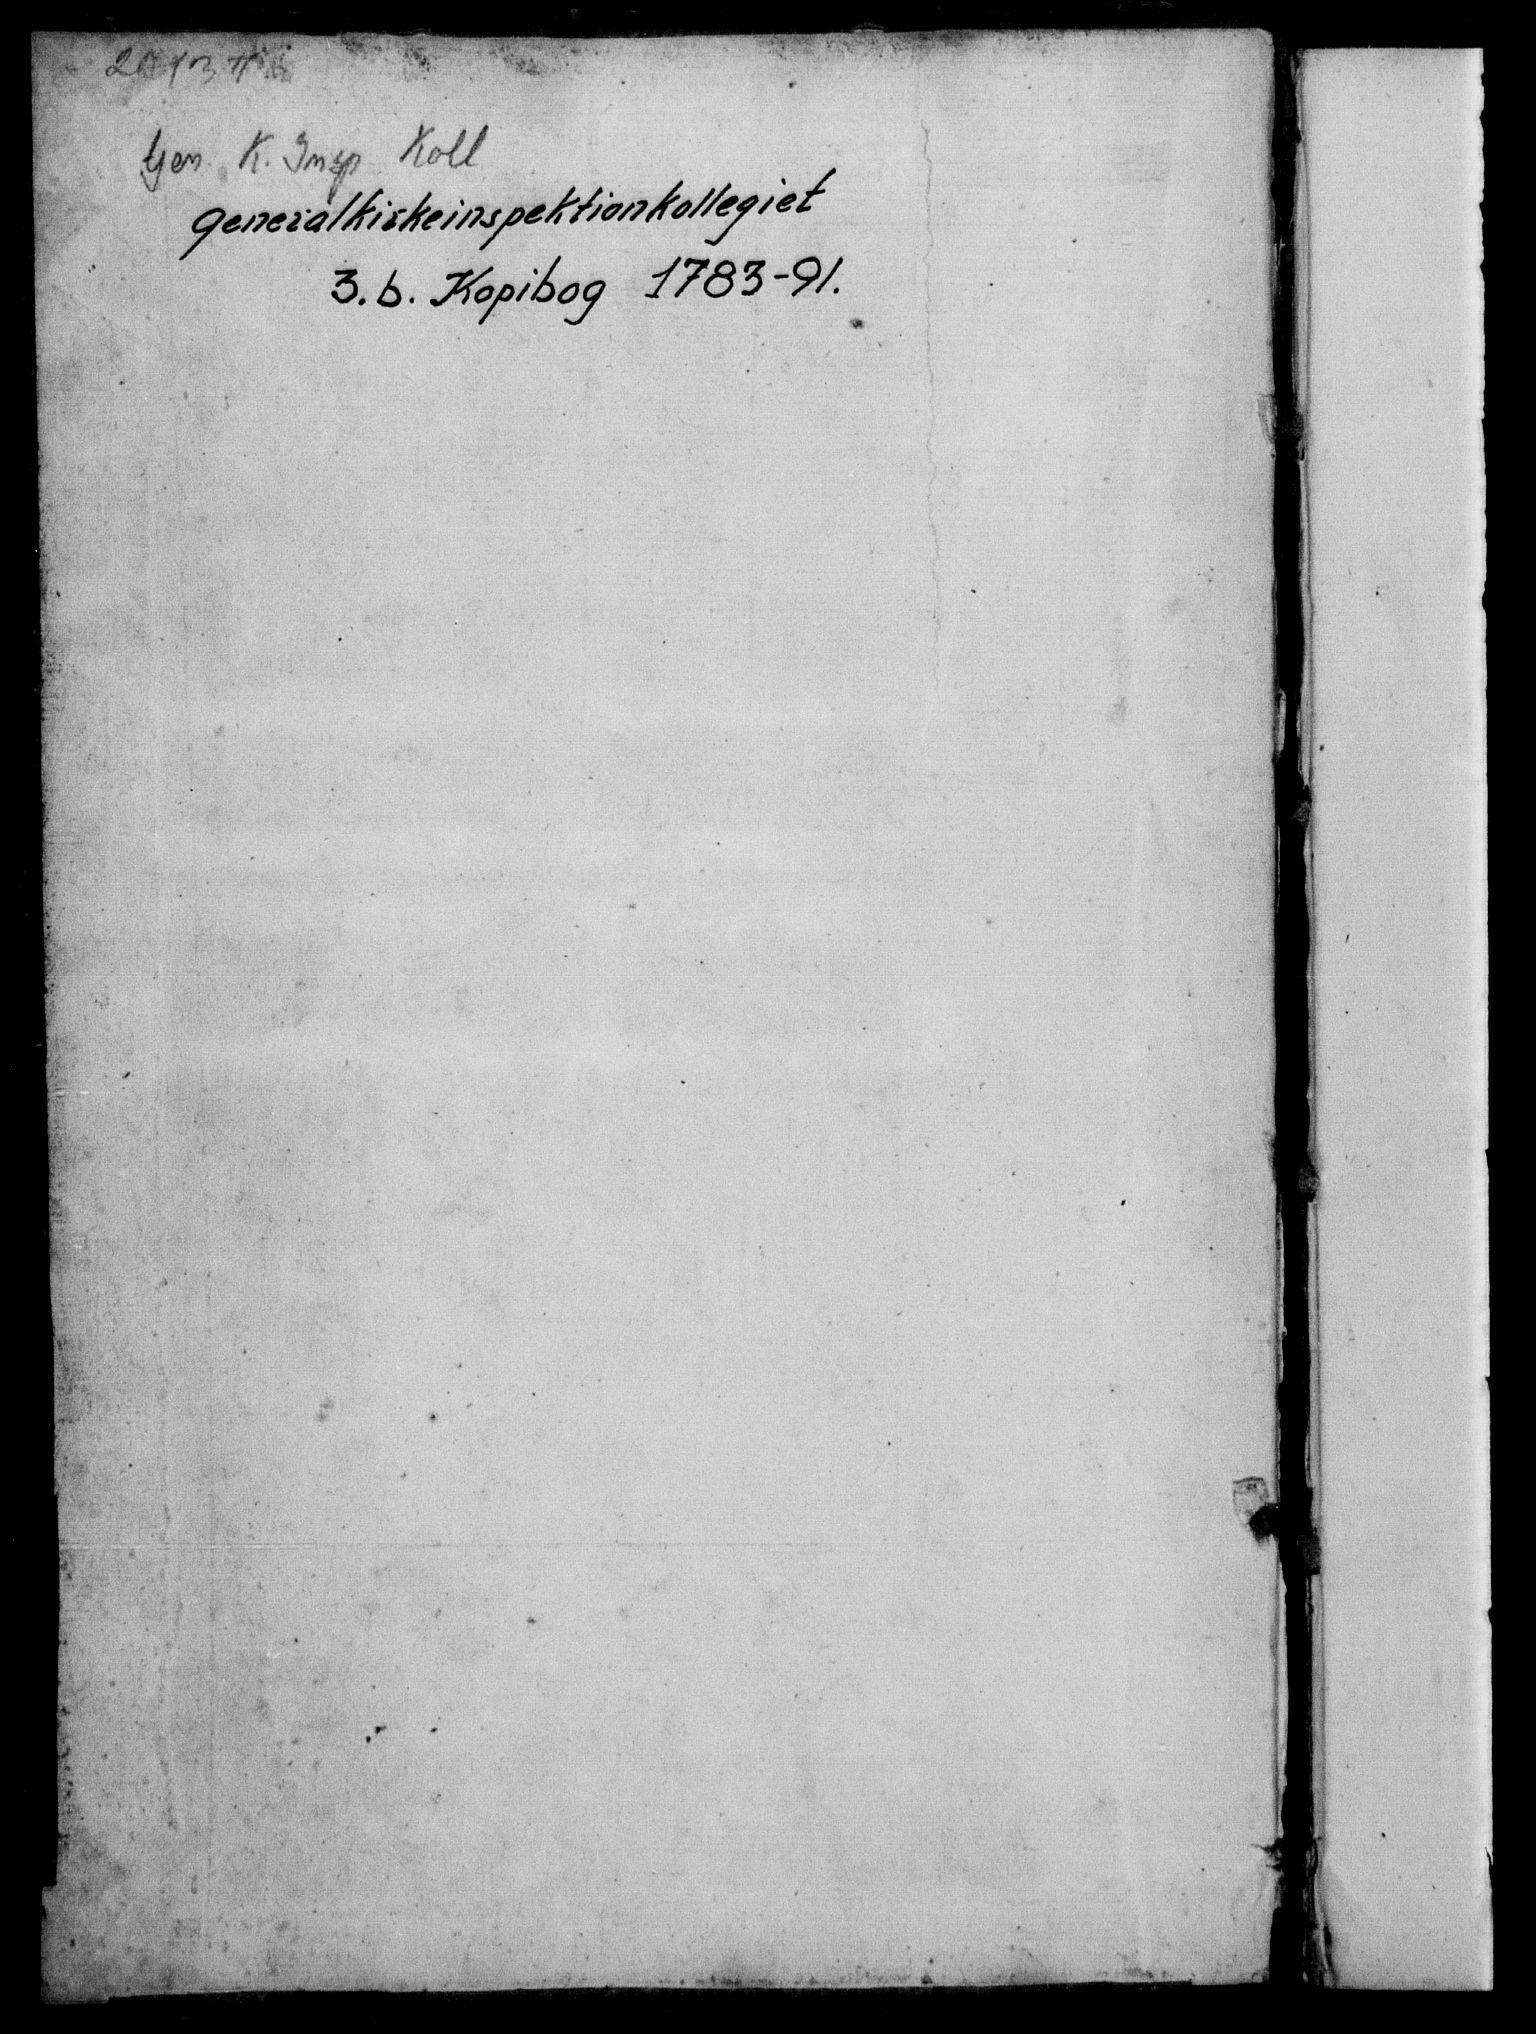 DRA, Generalkirkeinspektionskollegiet, F4-03/F4-03-02: Kopibog for forestillinger og breve, 1783-1791